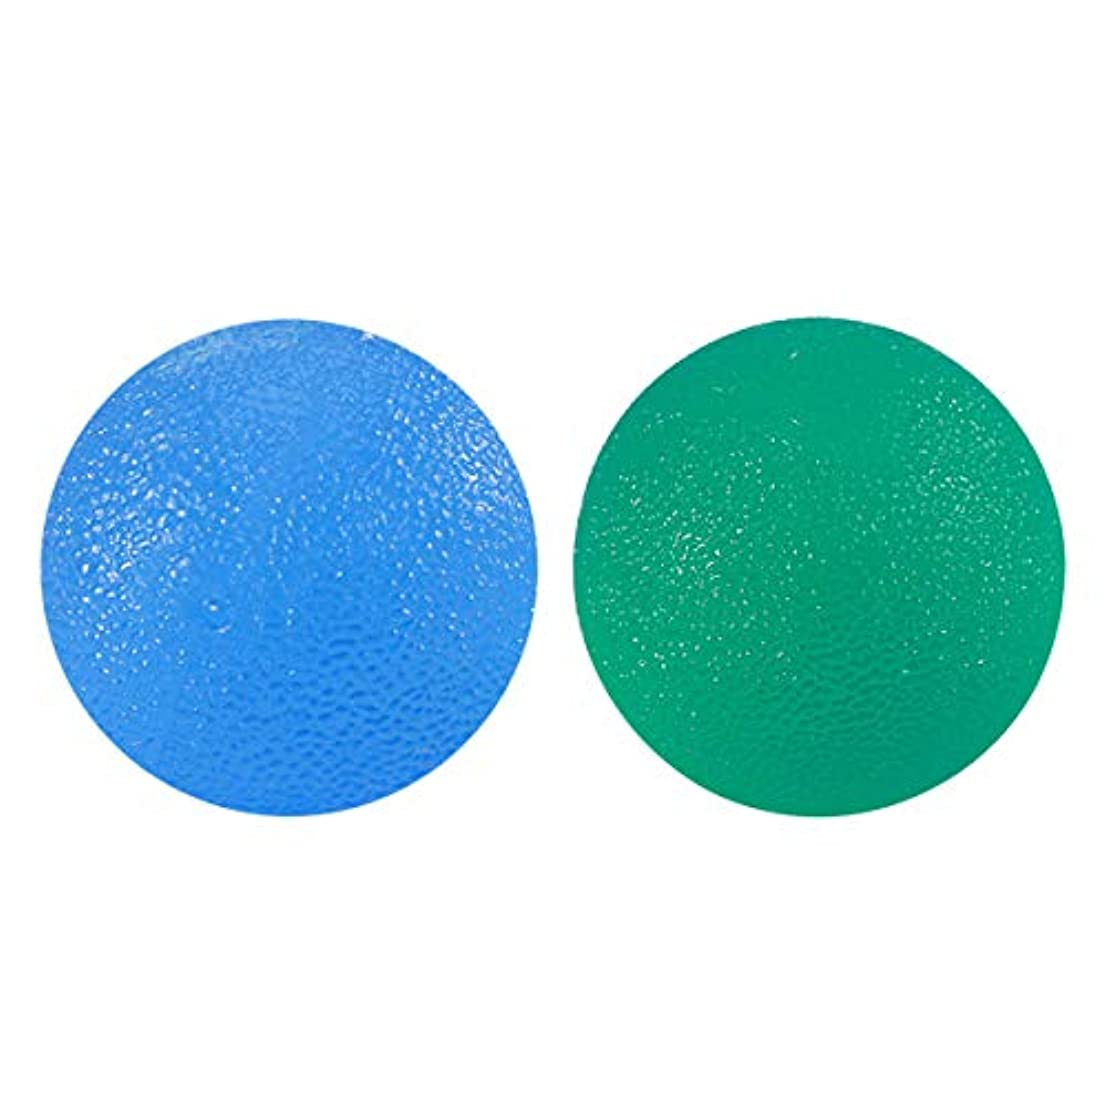 スペード毎週記憶に残るHEALIFTY 2本の中国の健康運動マッサージボールのストレスは、手の運動(緑と青)